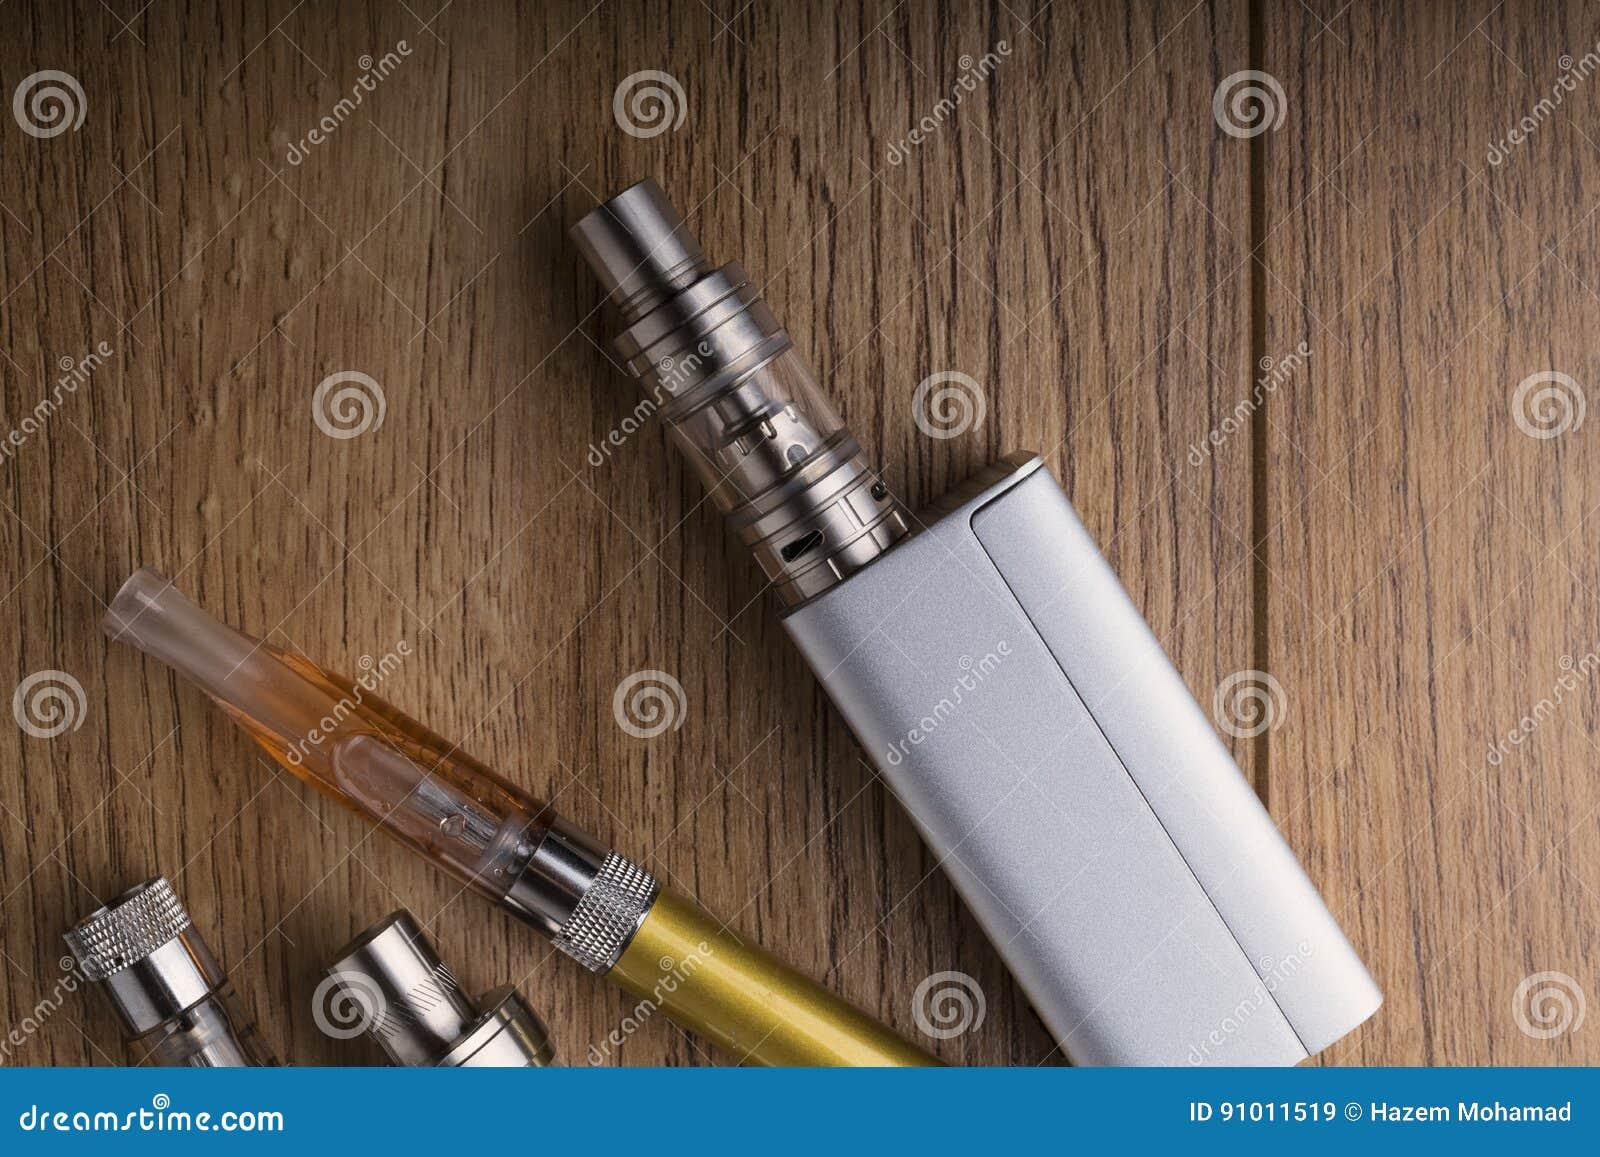 Vape笔和vaping的设备, mods,雾化器, e香烟, e香烟